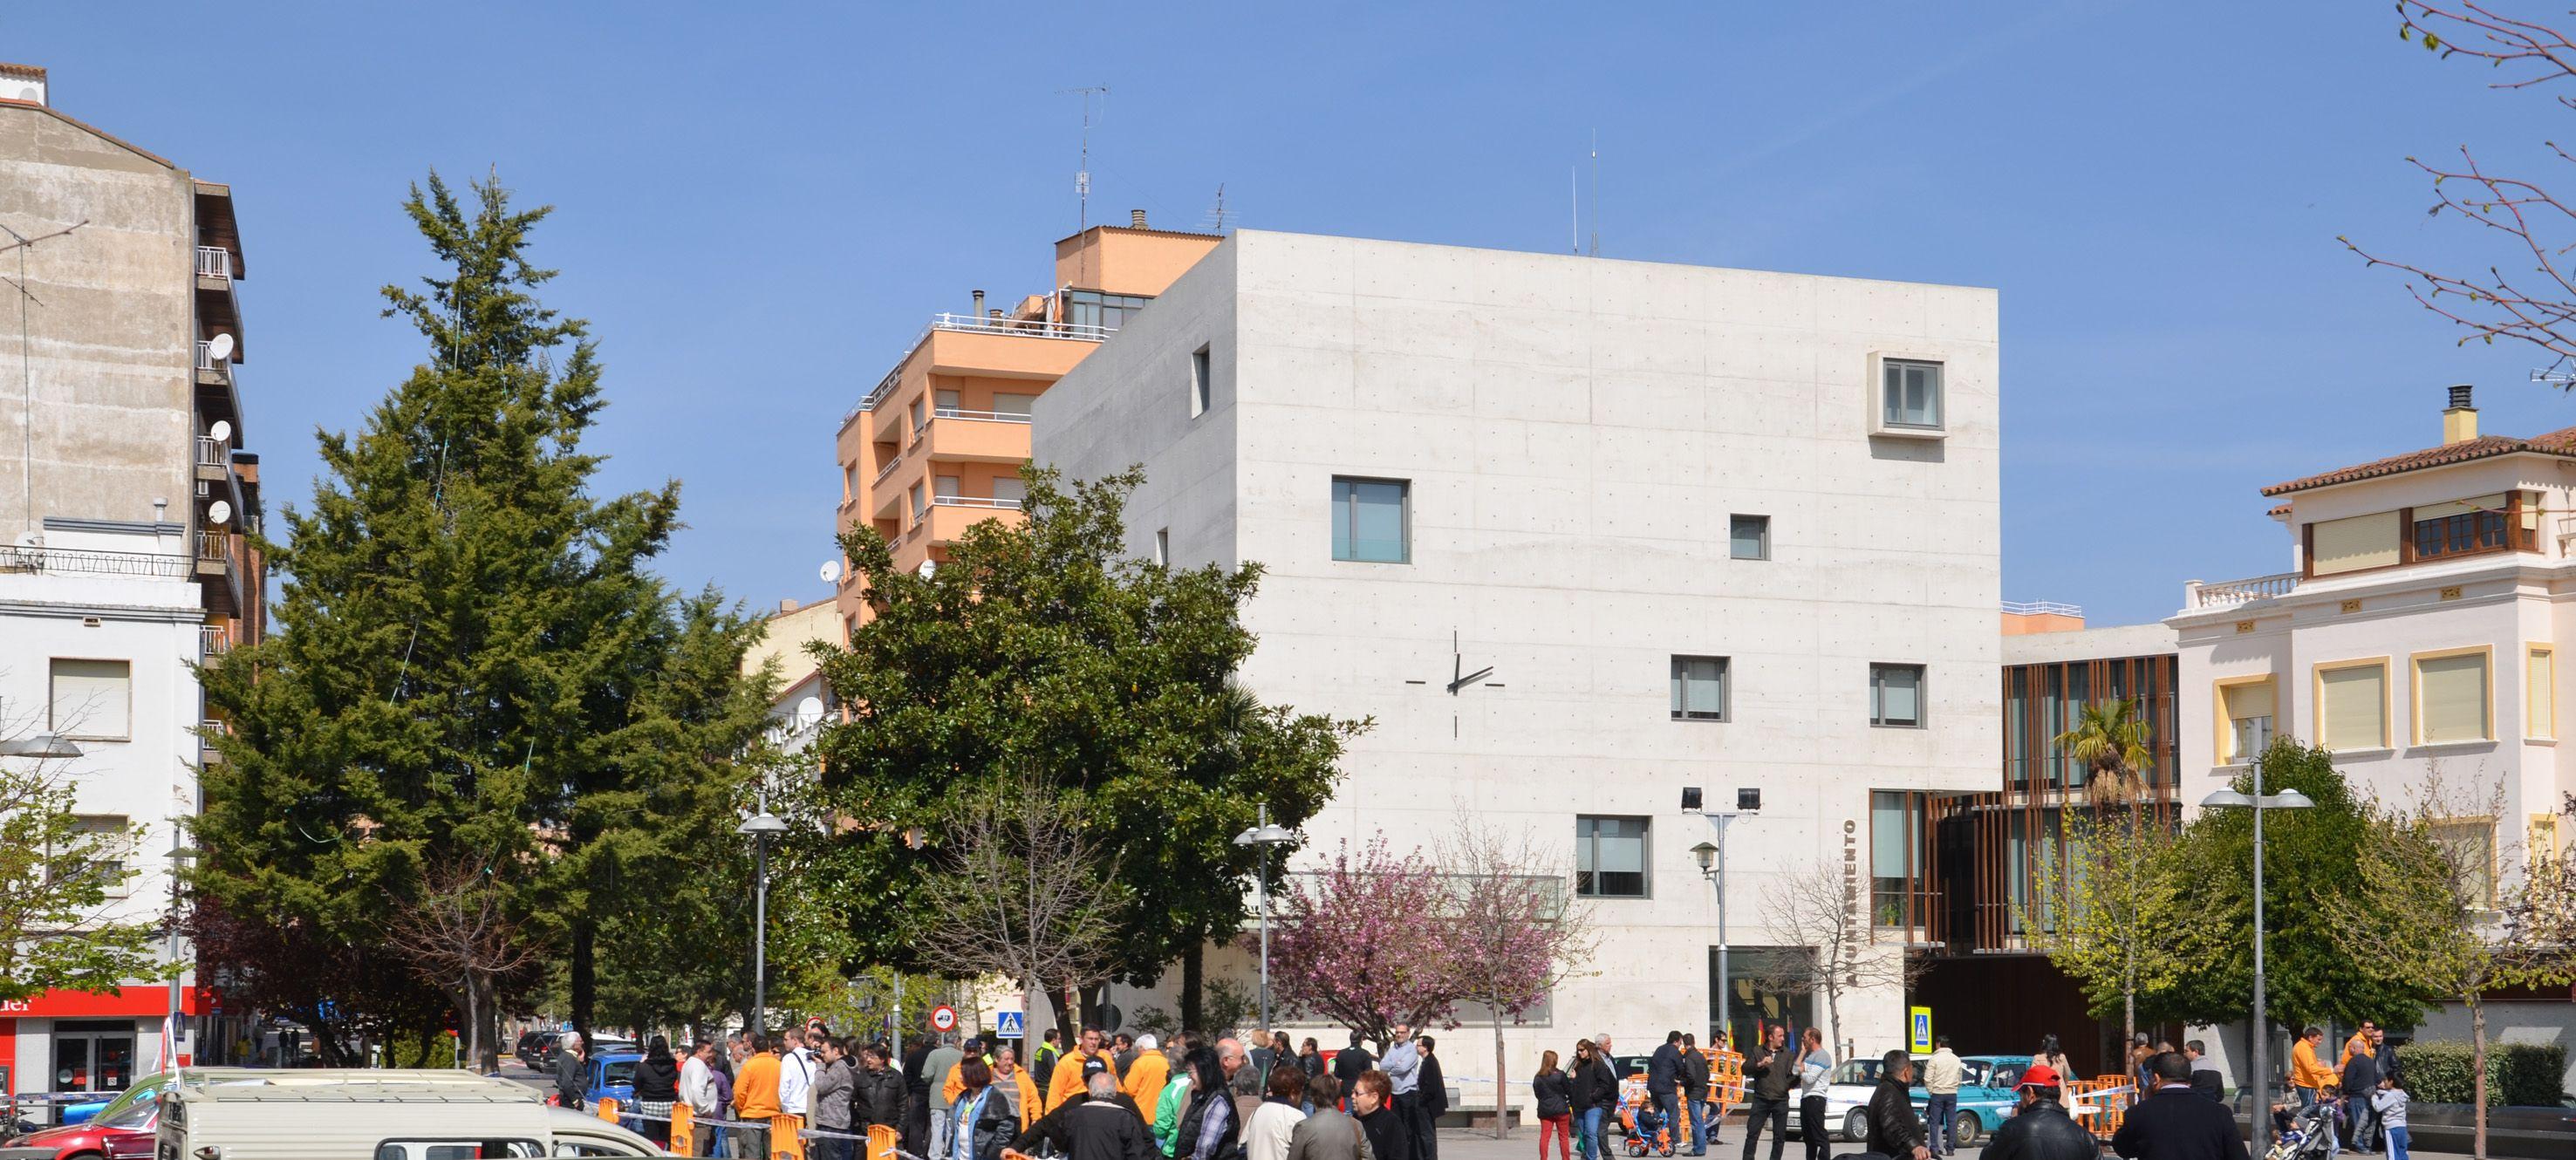 El Ayuntamiento de Binéfar desmiente la información de la revista Vivir La Litera sobre